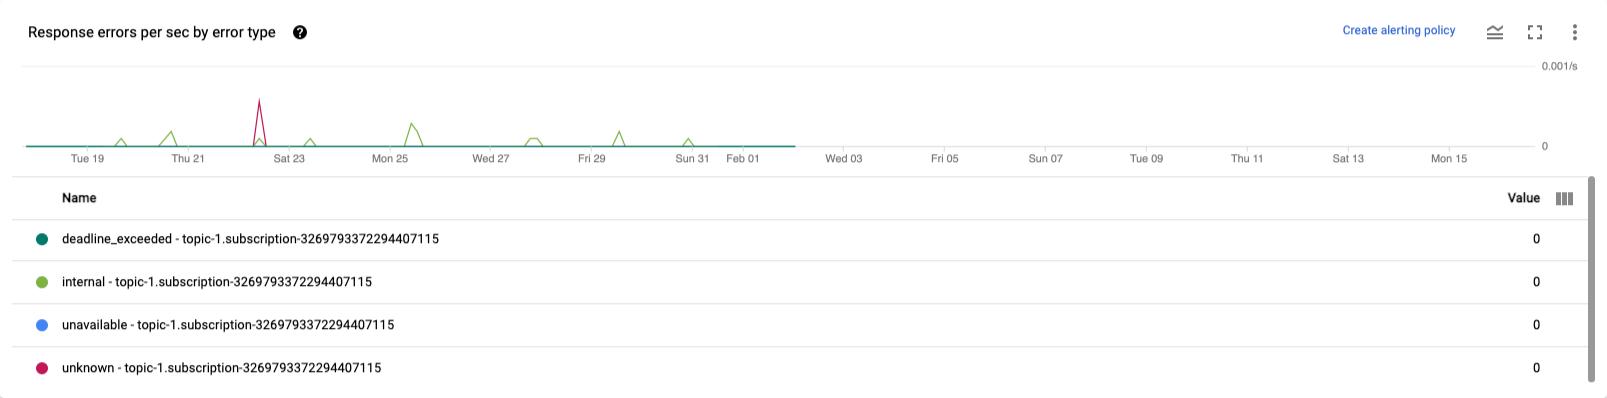 Ein Diagramm mit der Rate fehlgeschlagener API-Anfragen der Quelle oder Senke zum Lesen oder Schreiben von Daten im Zeitverlauf